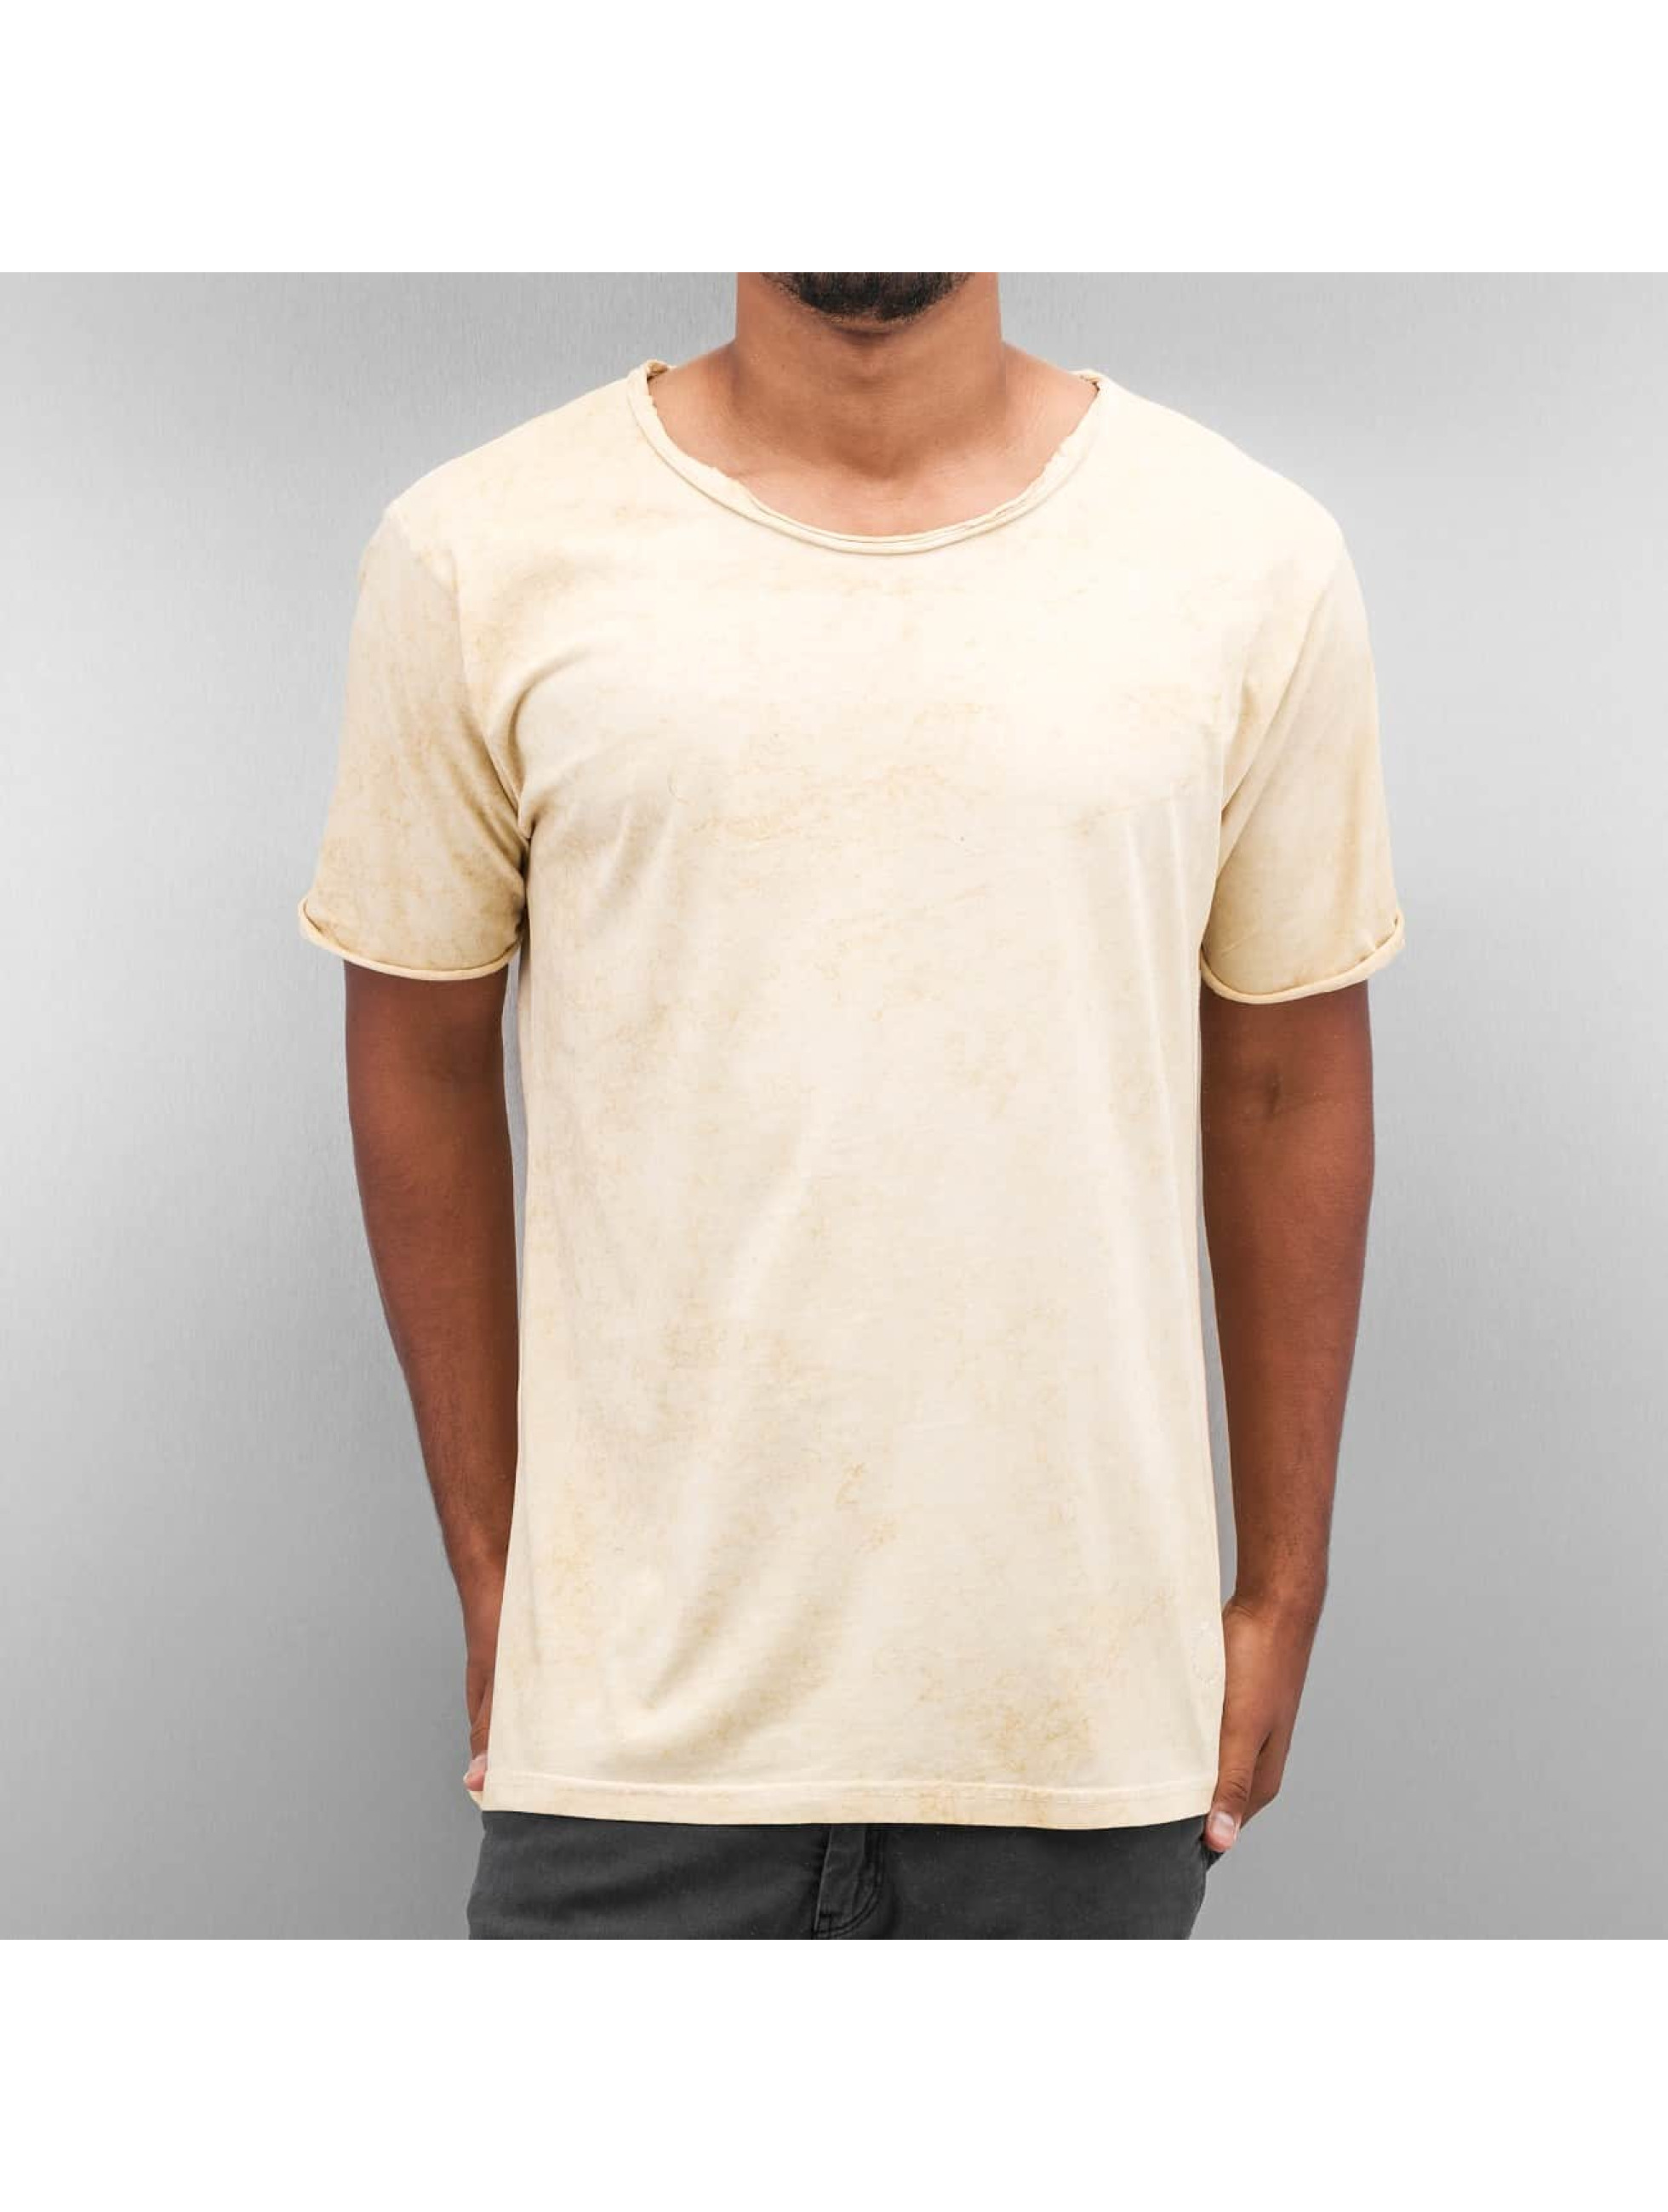 Yezz Männer T-Shirt Marble in beige